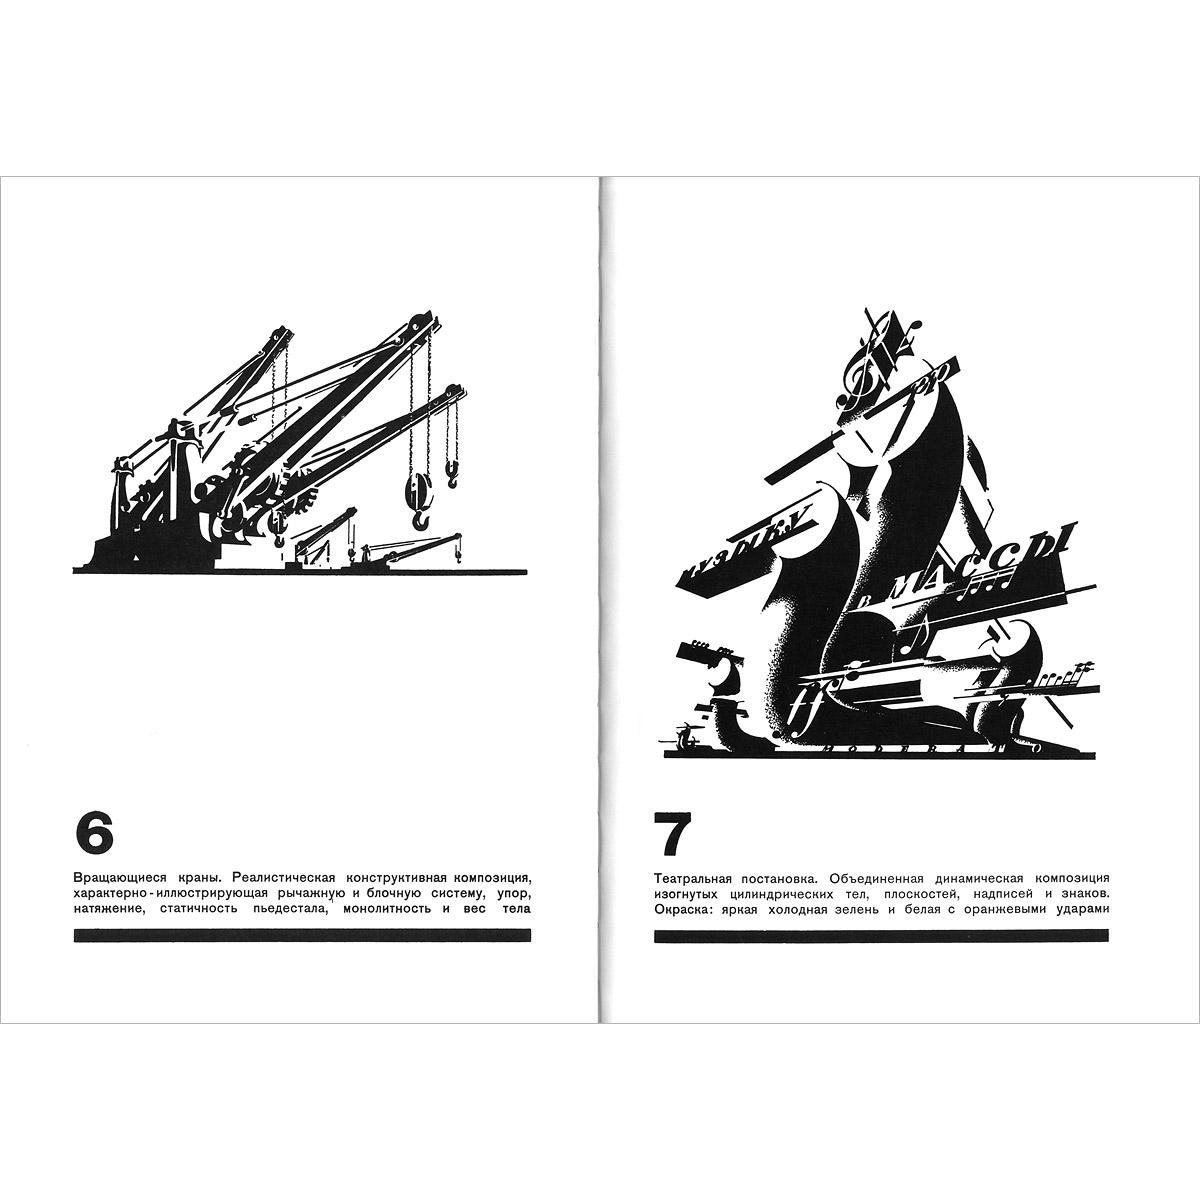 Конструкция архитектурных и машинных форм